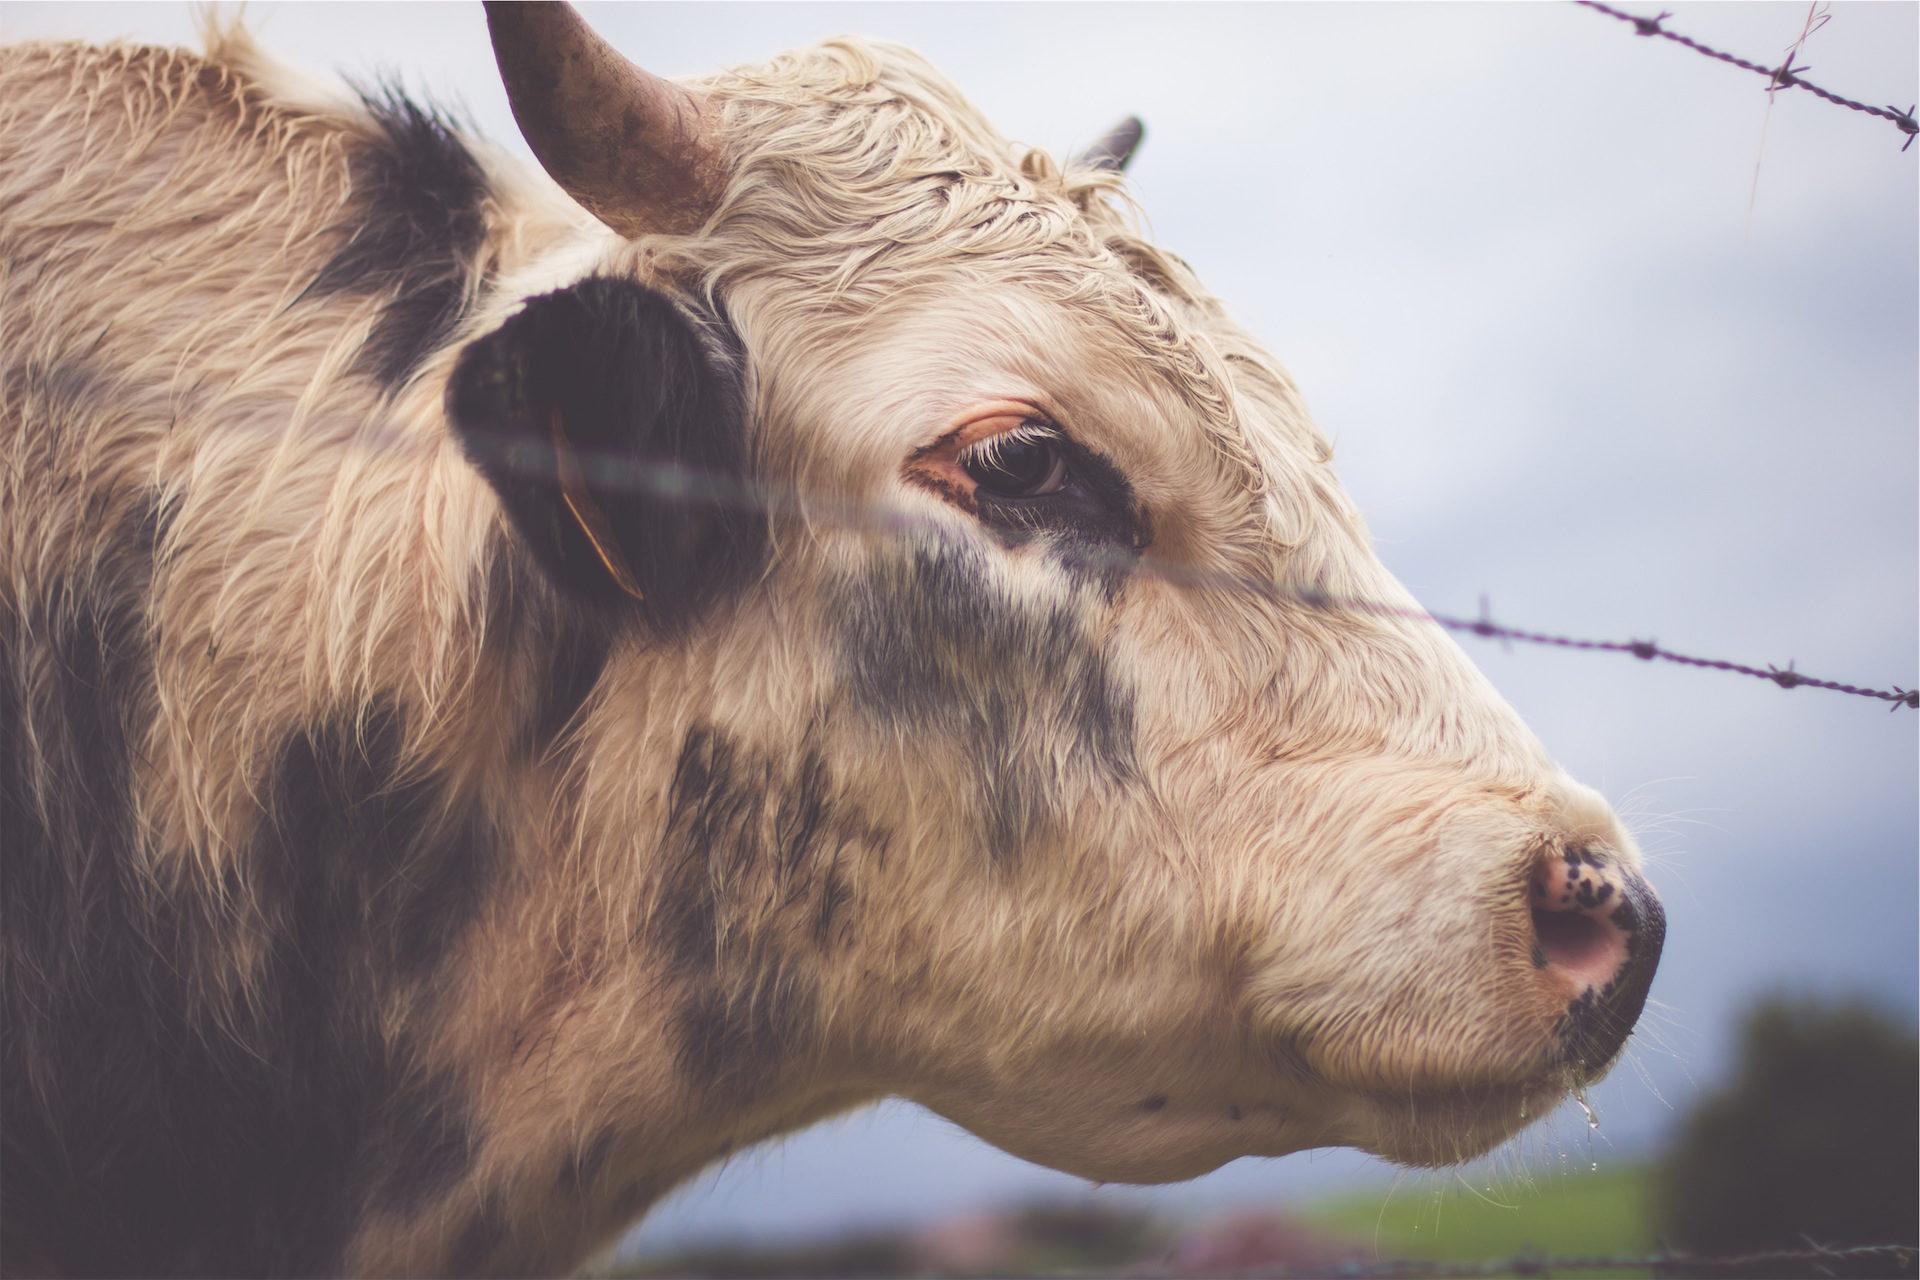 牛, 子牛の肉, 外観, フィールド, フェンス - HD の壁紙 - 教授-falken.com